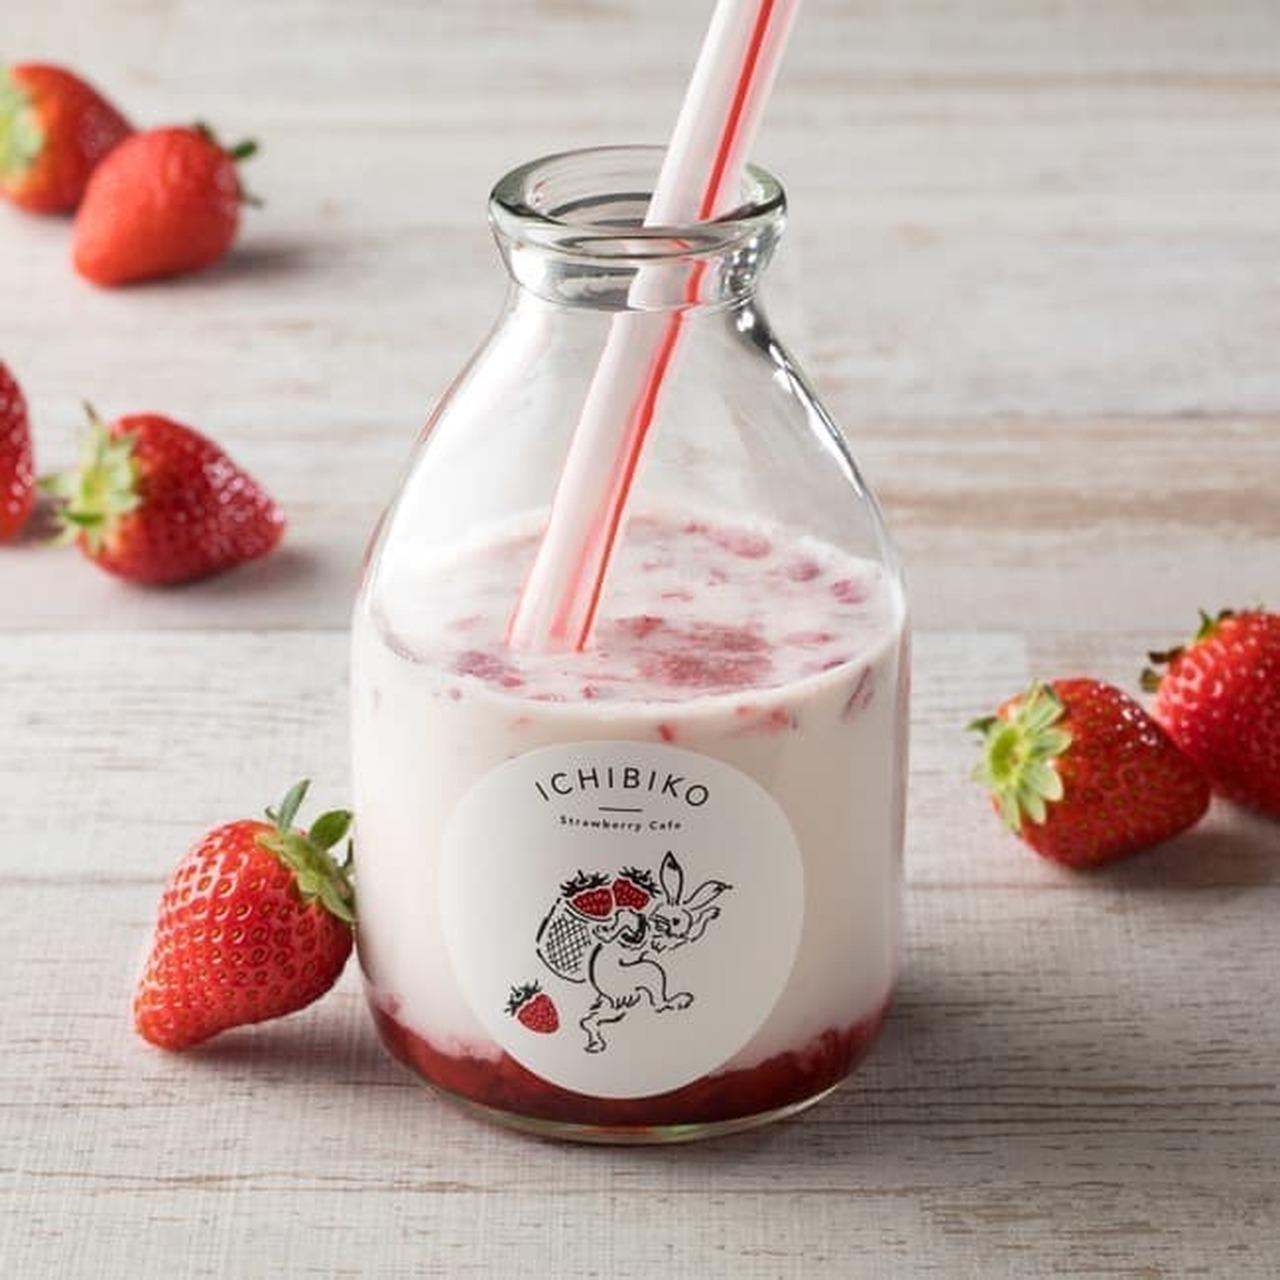 ICHIBIKOの人気No.1ドリンク「いちびこミルク」